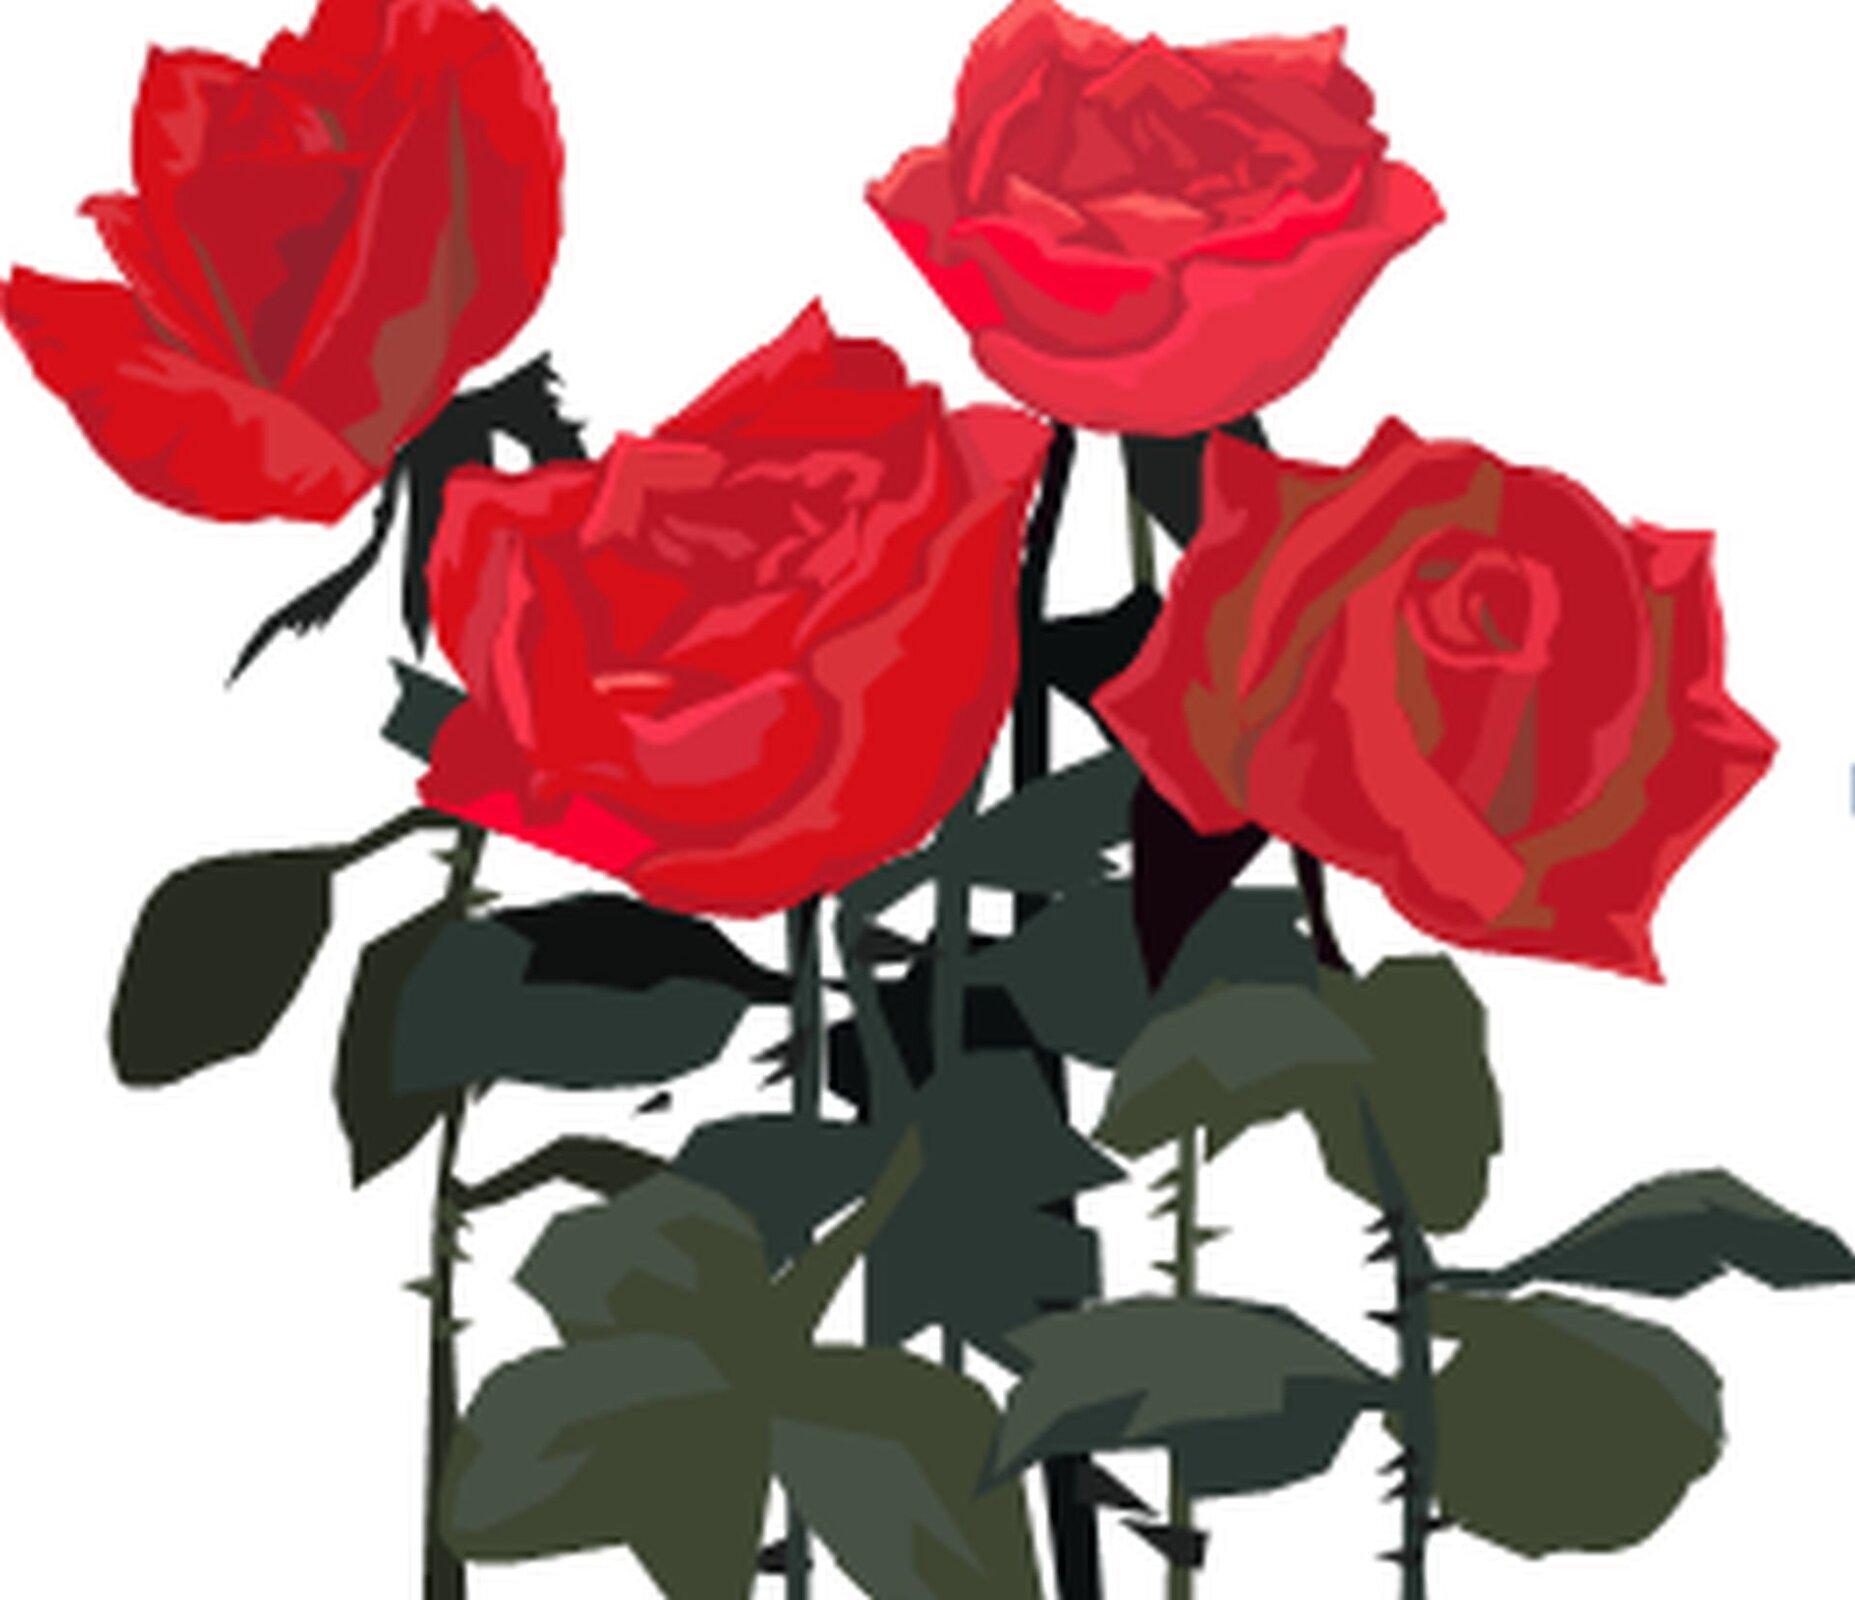 Rysunek czterech róż.